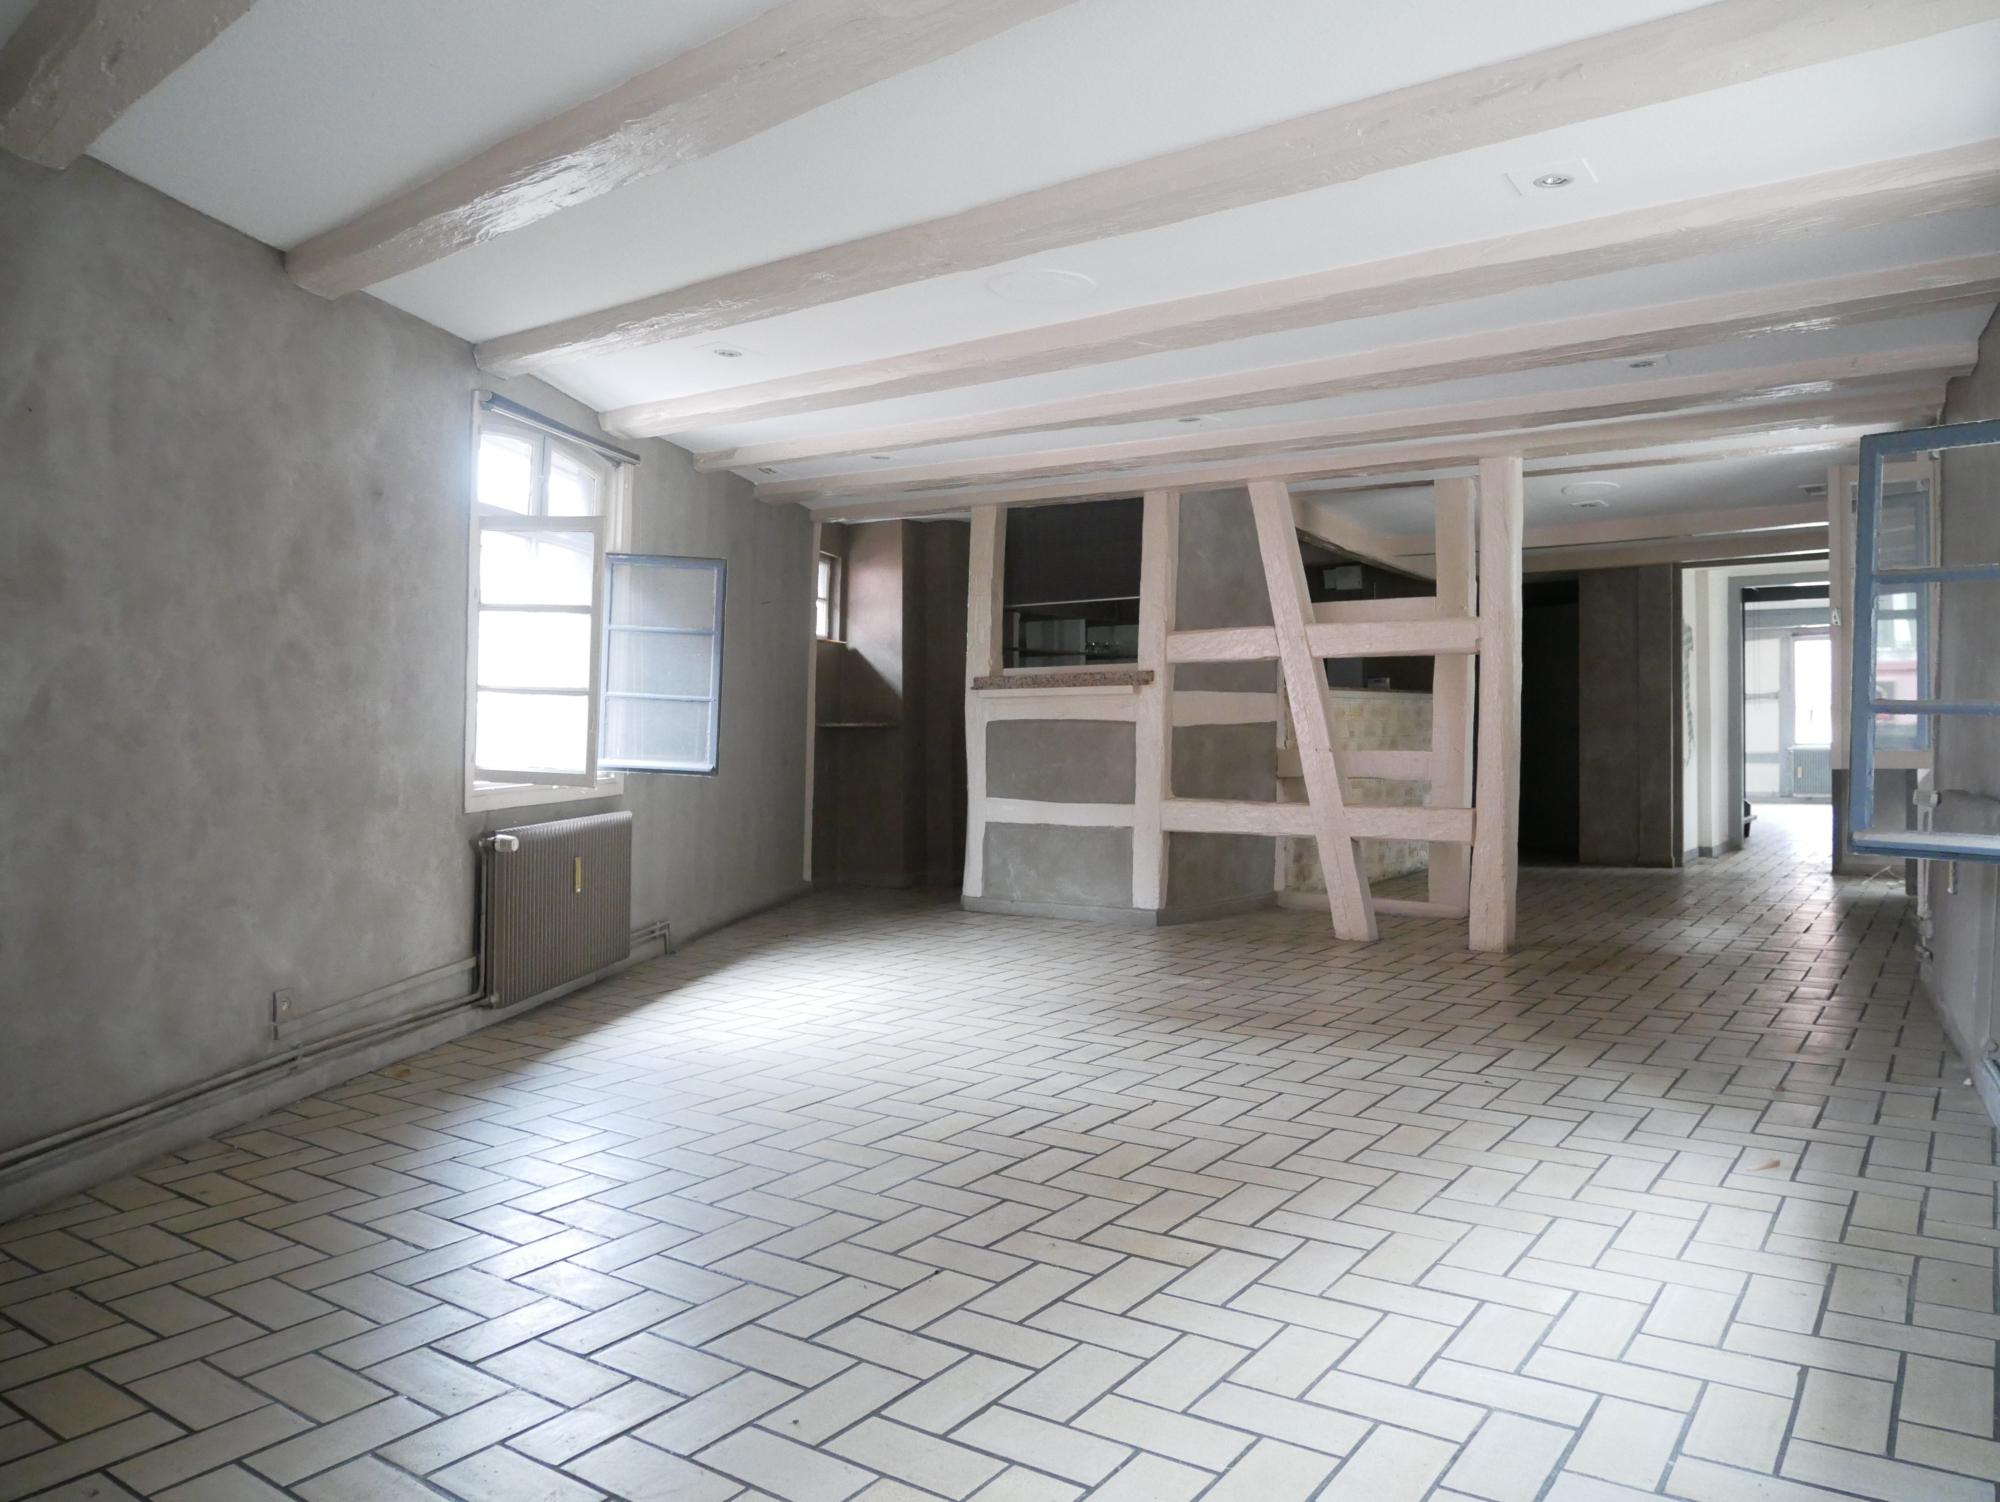 Très beaux murs commerciaux - Brumath centre / place de la Liberté - nos ventes - Beausite Immobilier 8